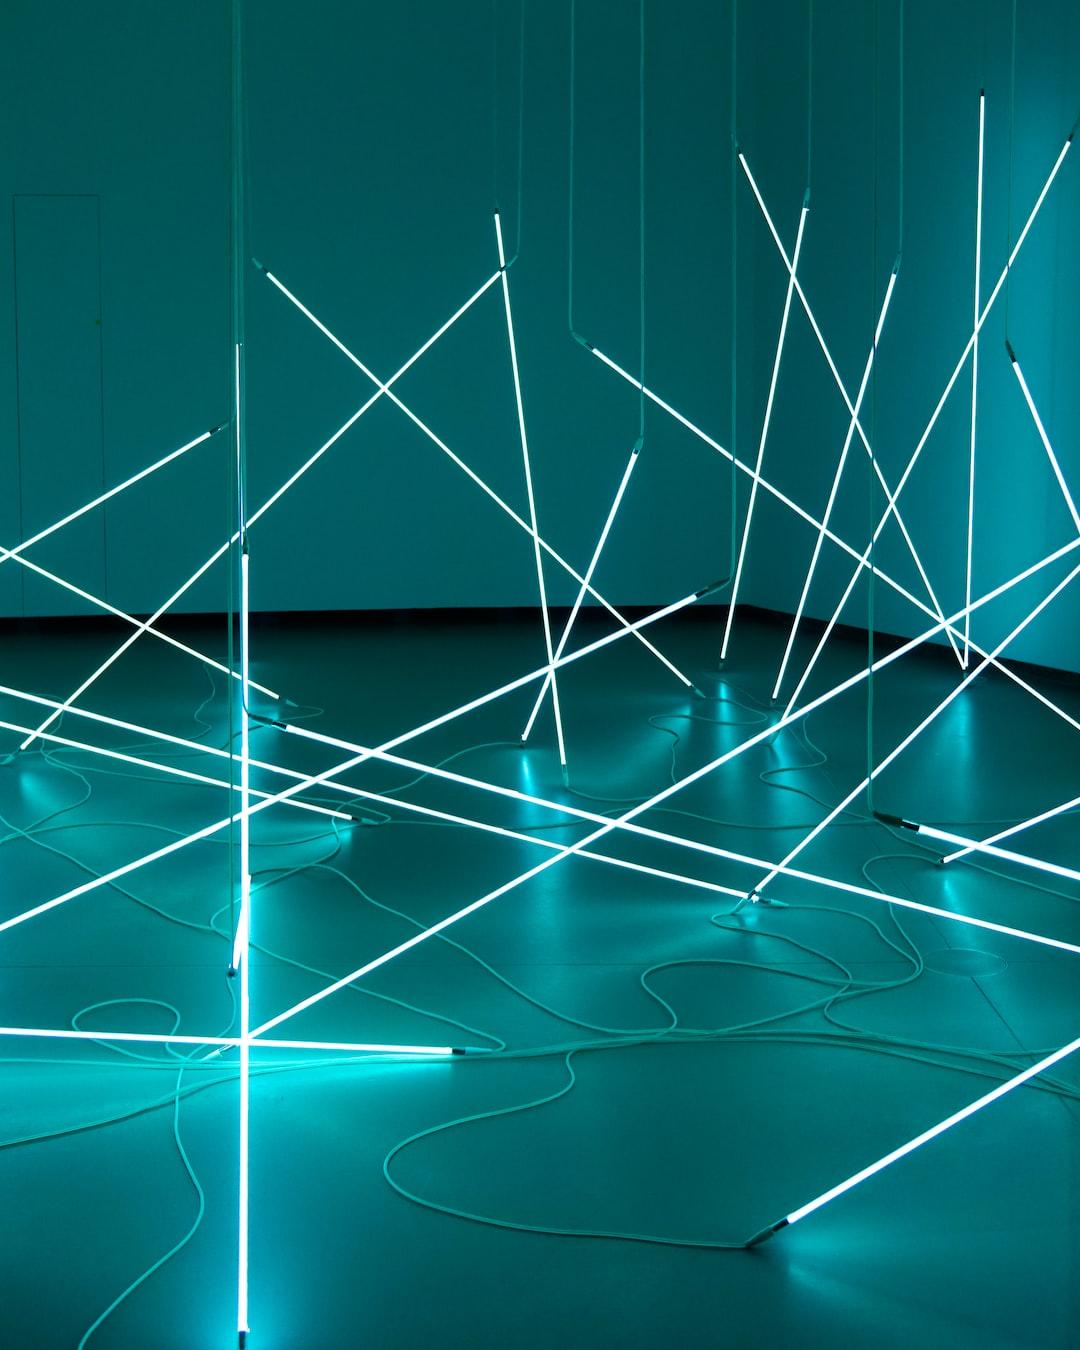 Light Installation By François Morellet